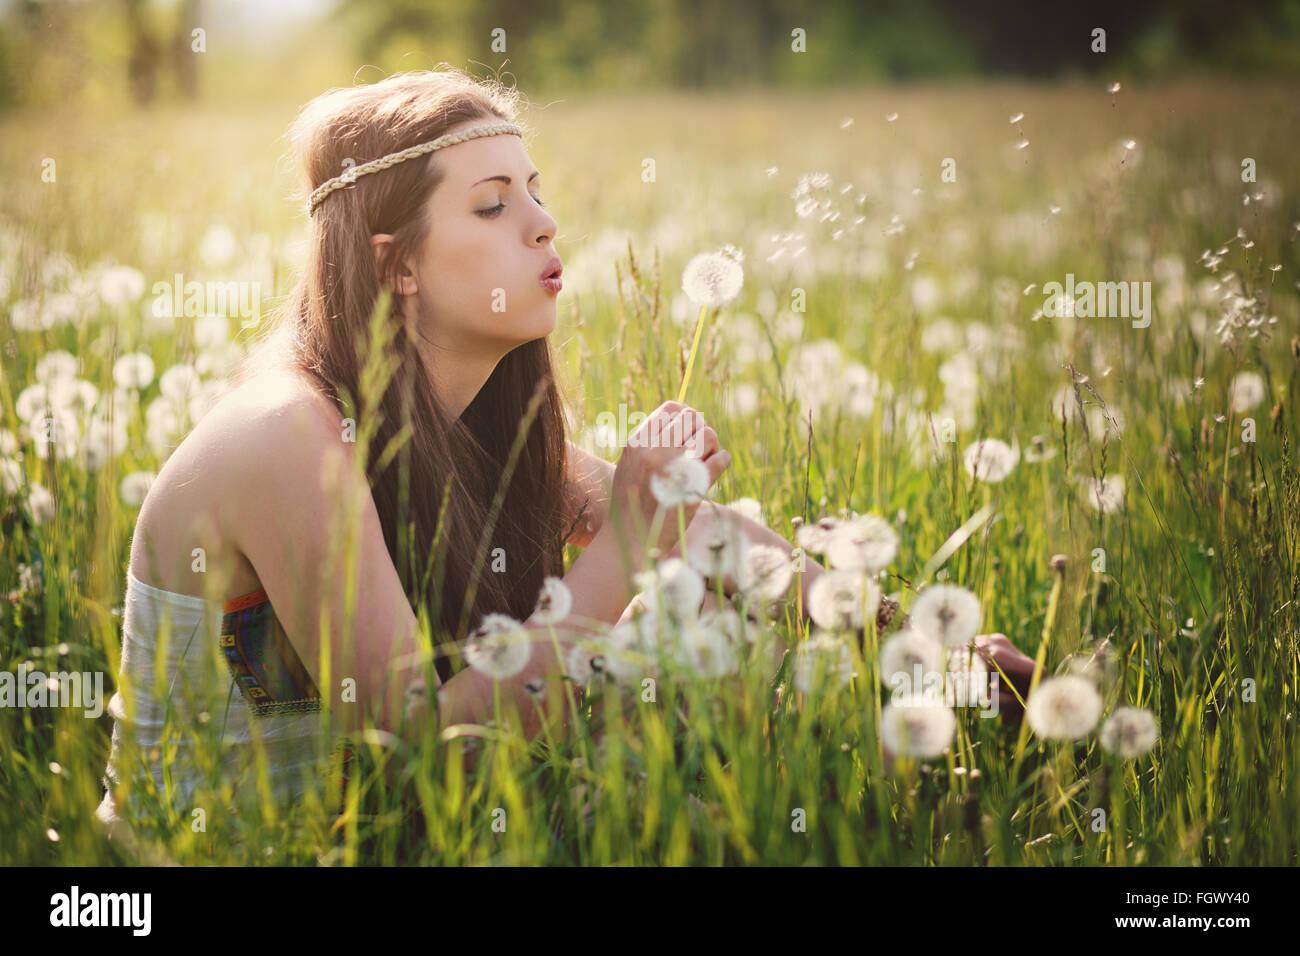 Bella donna hippie soffiaggio di fiori di tarassaco. L'armonia della natura Immagini Stock